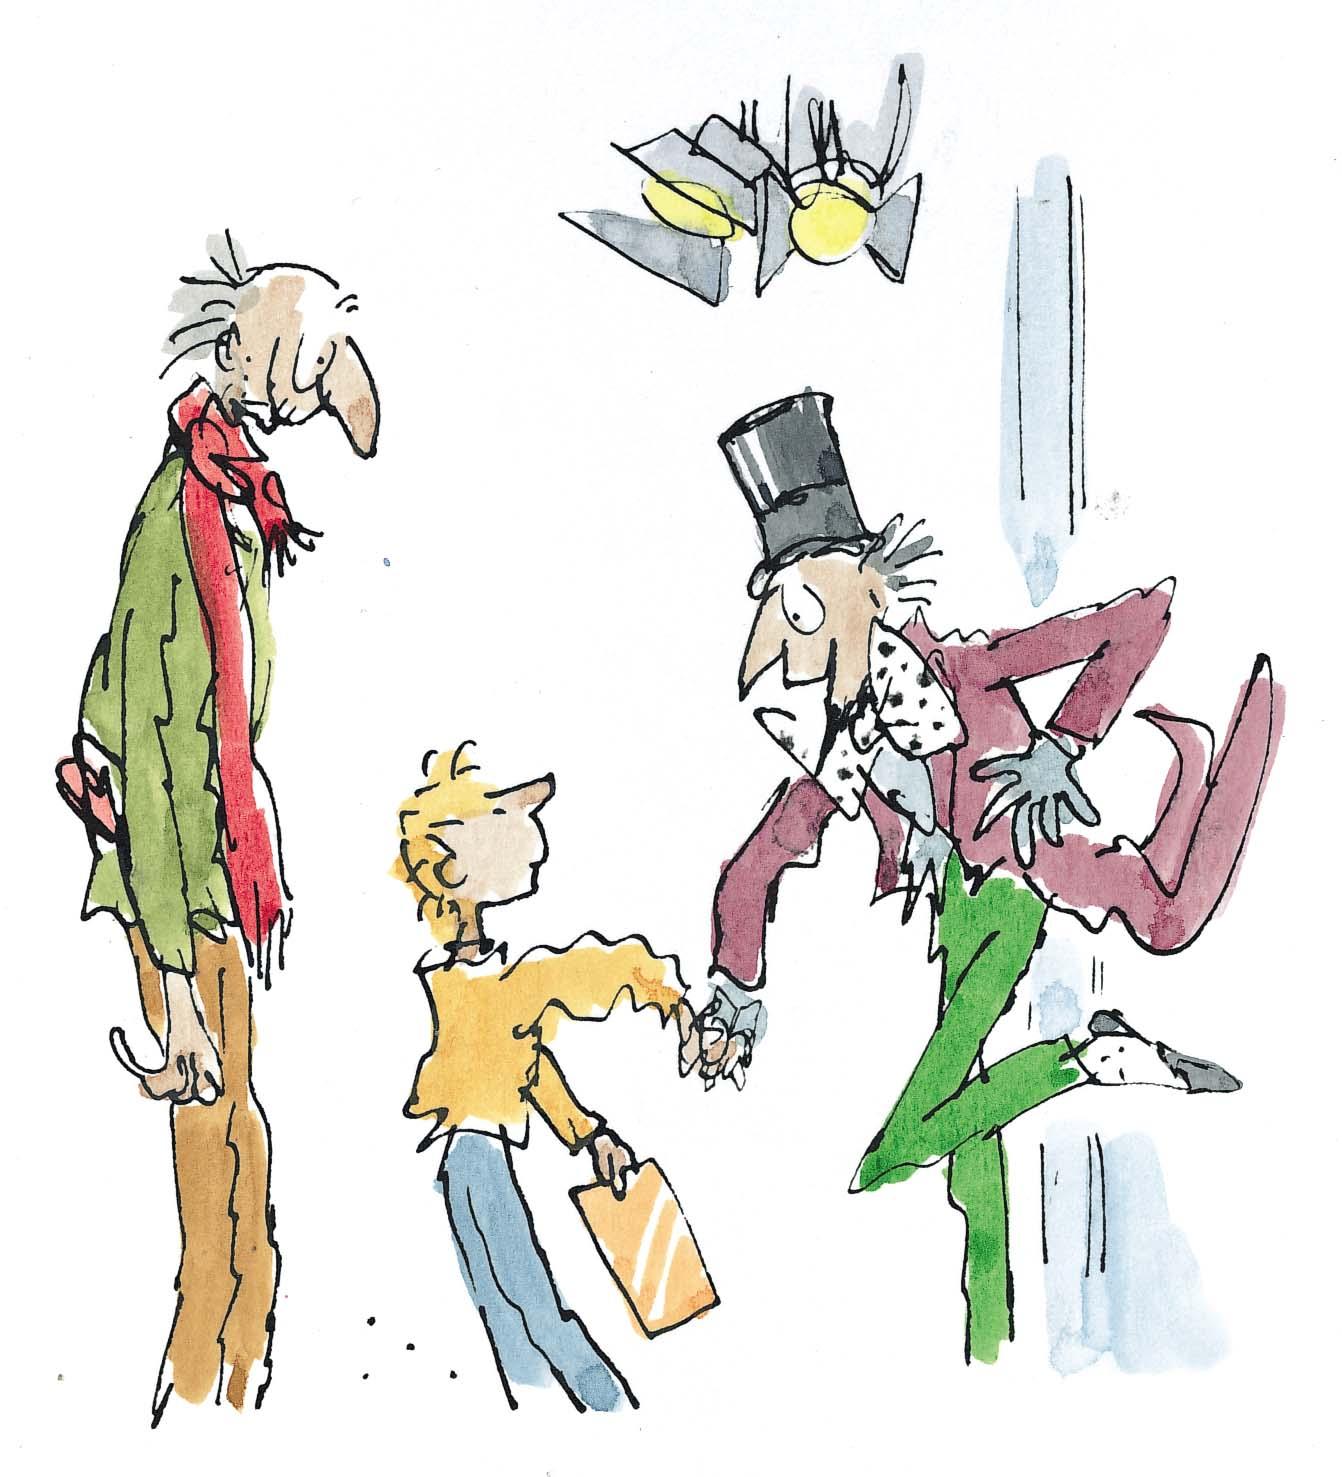 9 Sjakie, Willy Wonka en opa in kleur.jpg